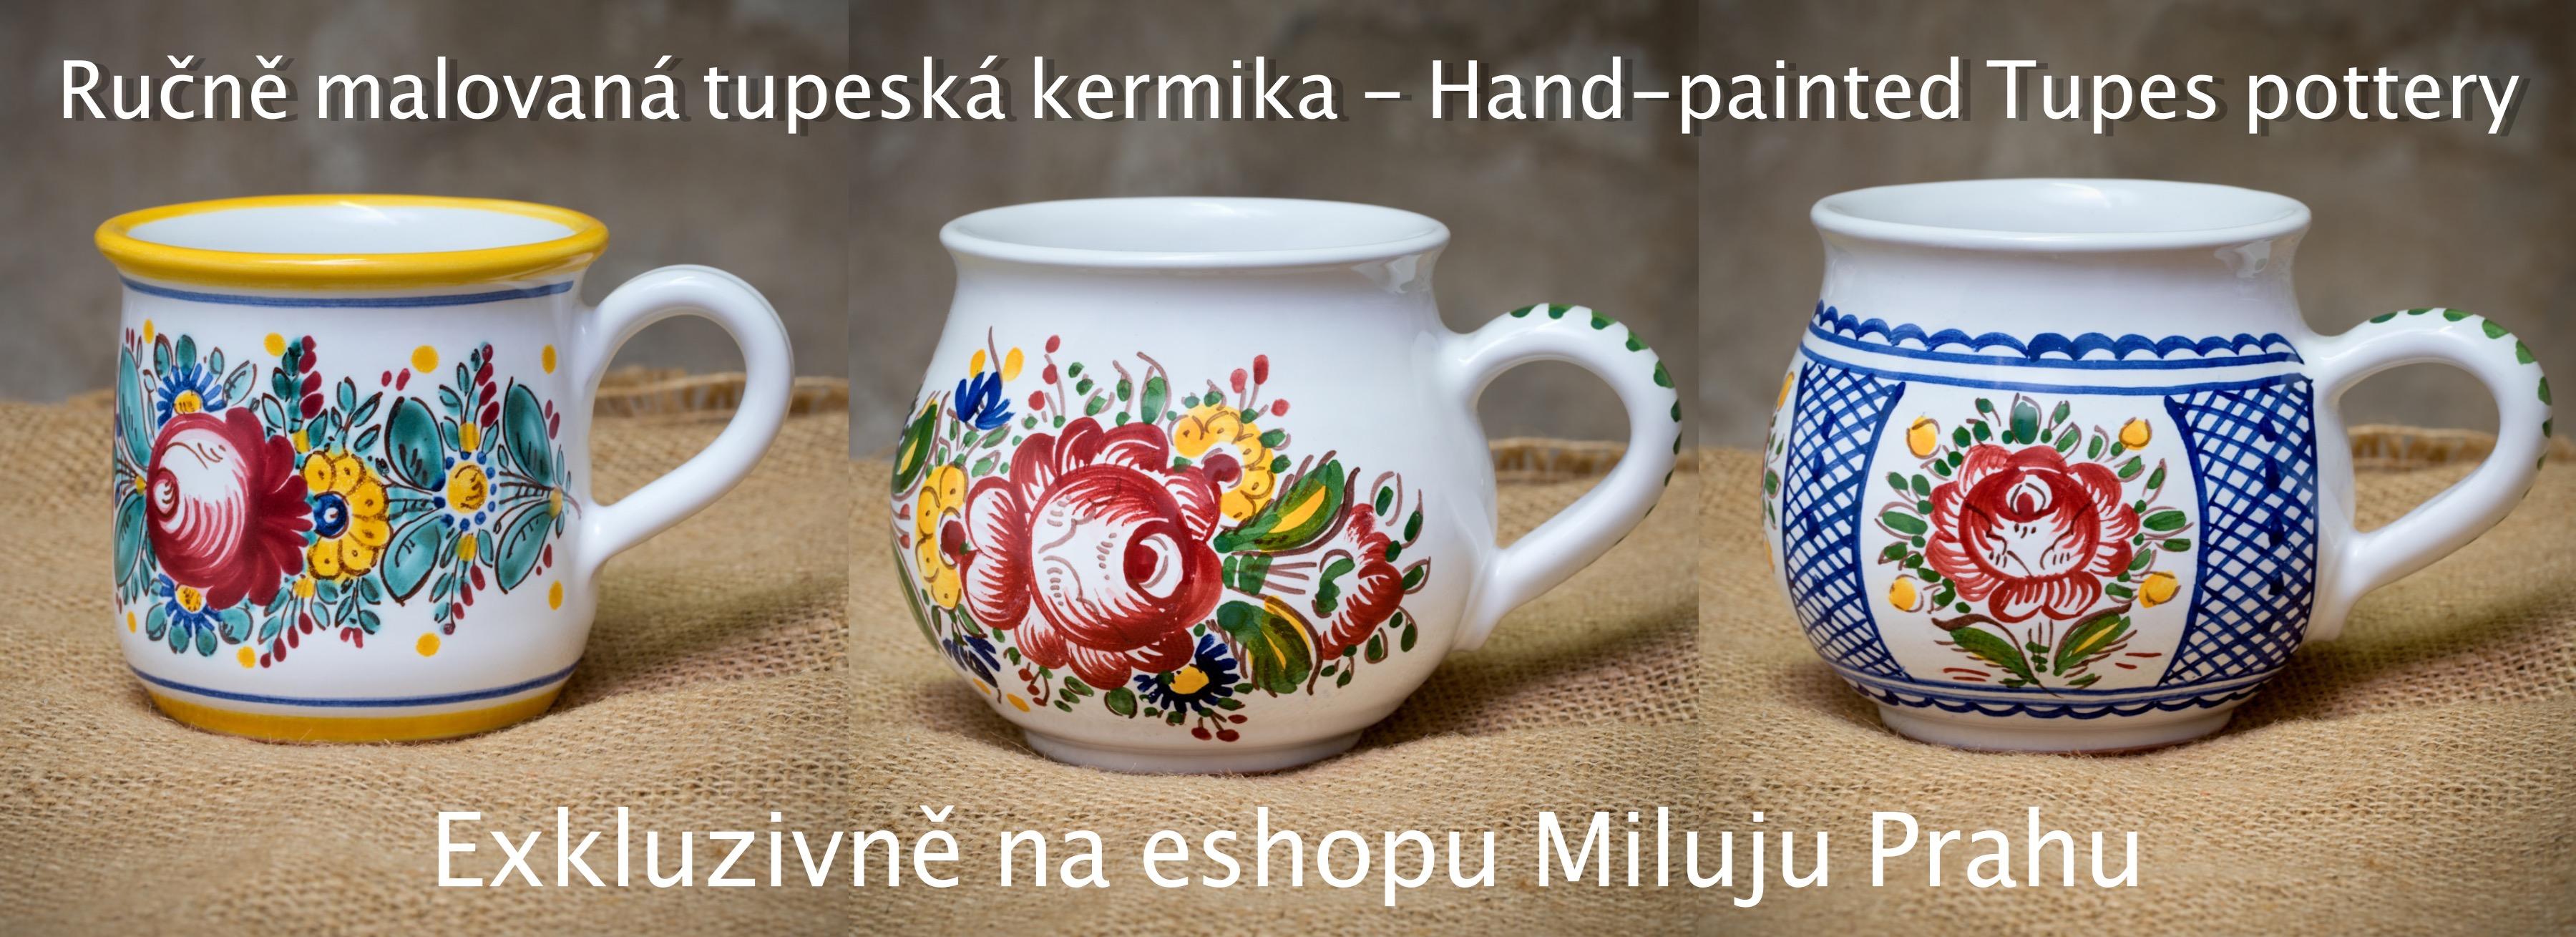 Ručně malovaná Tupeská keramika